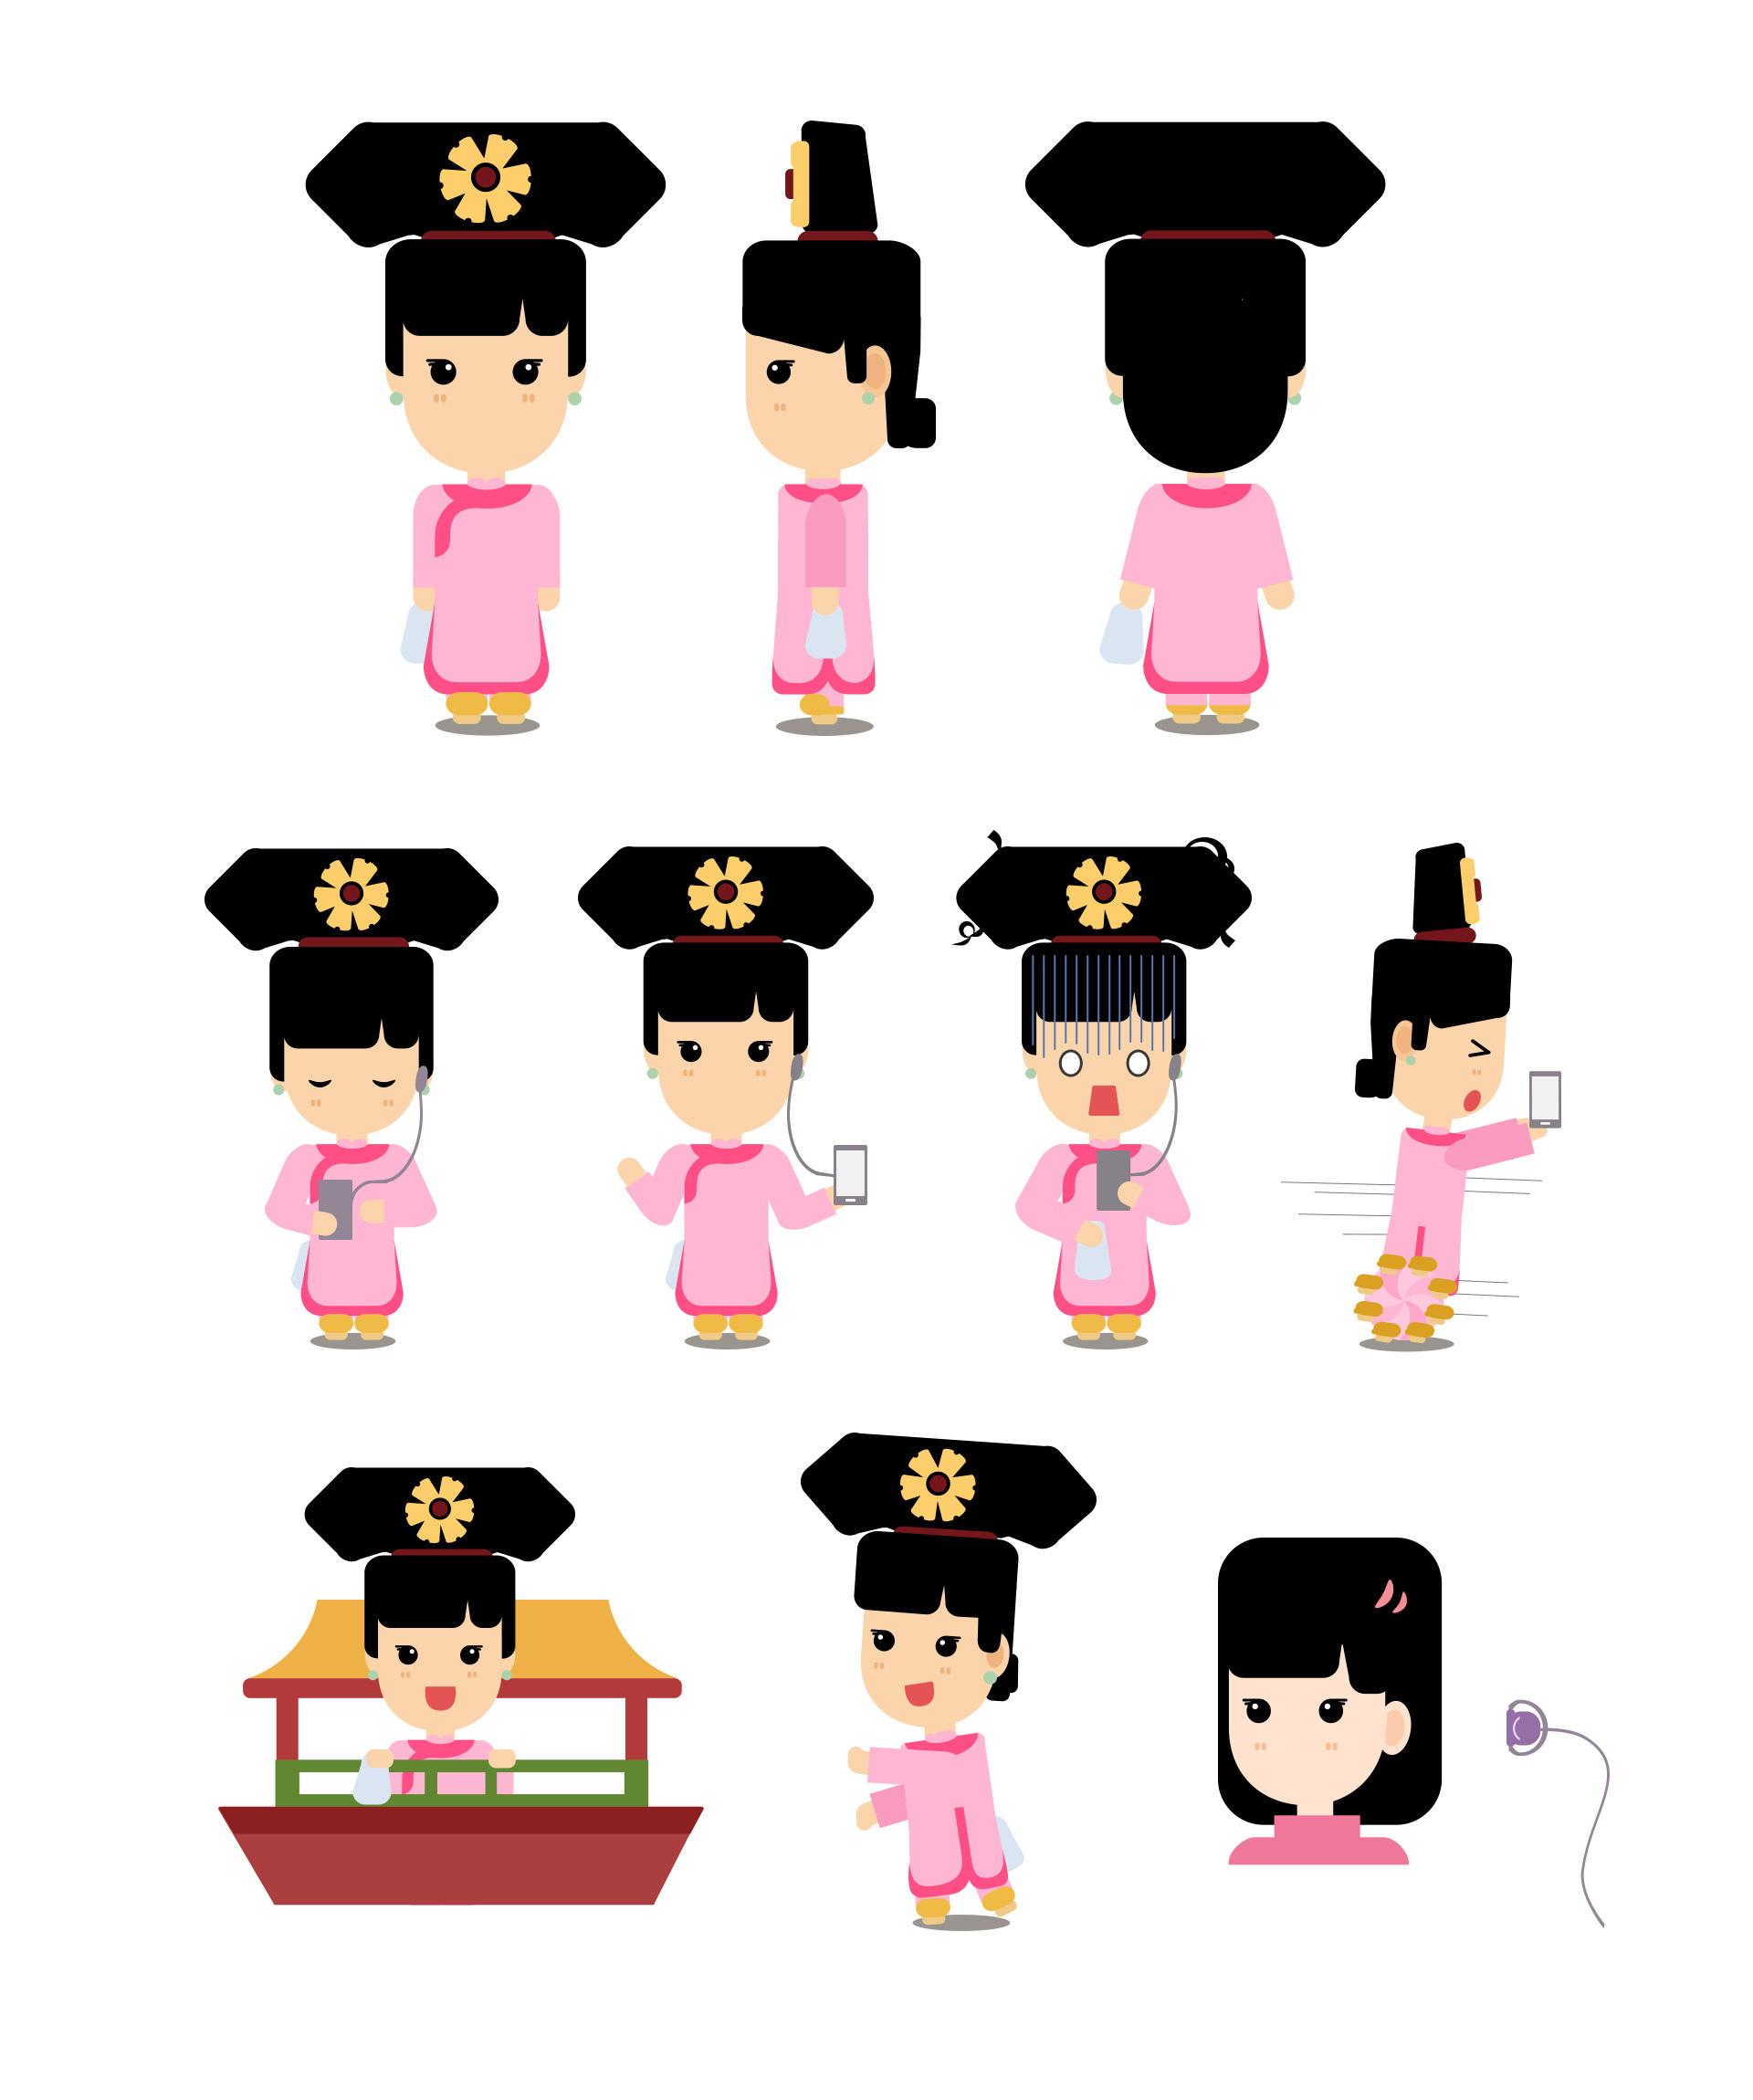 卡通动画人物_小动画卡通人物形象设计